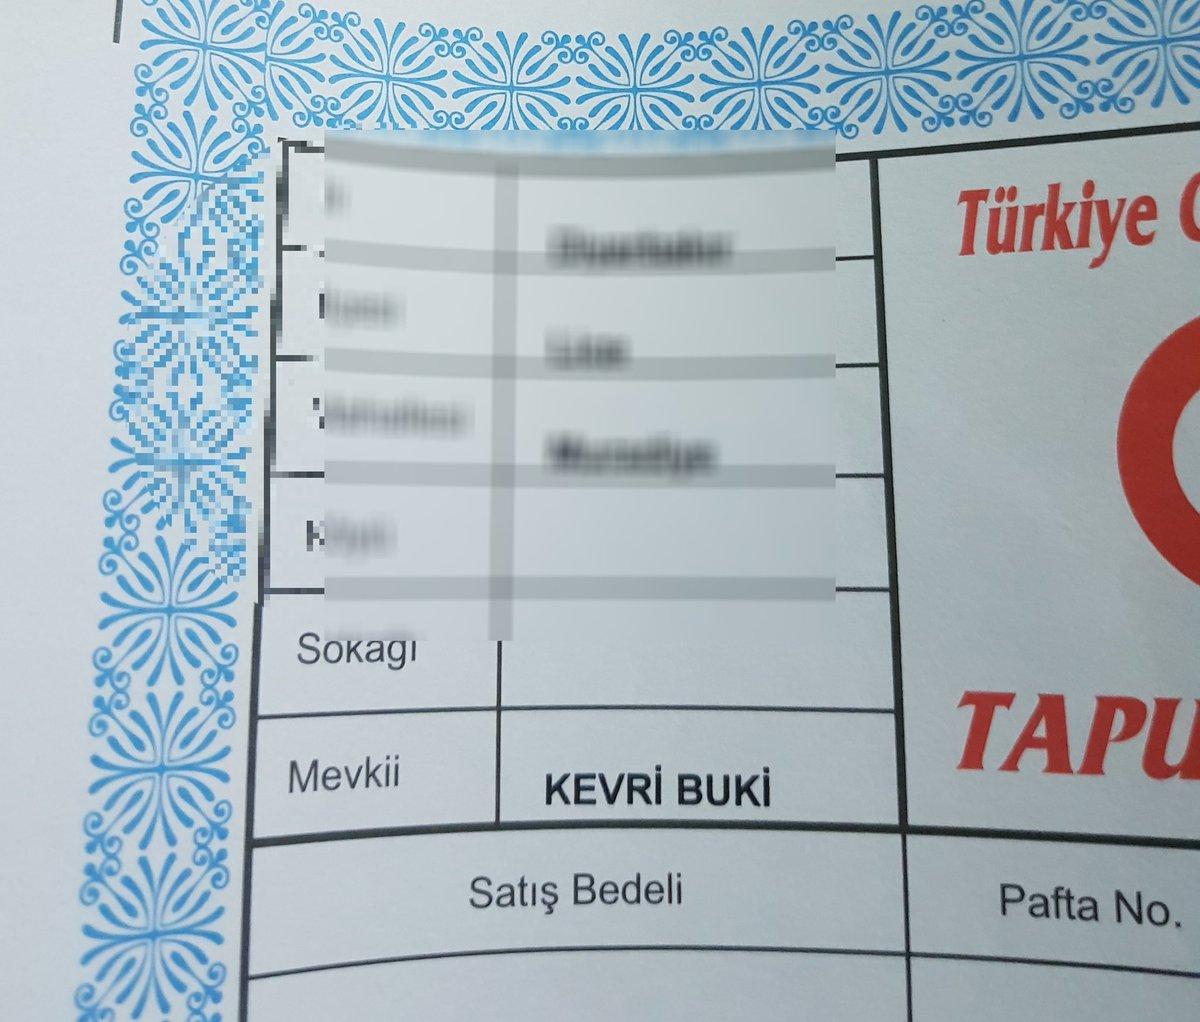 Tapu kayıtlarında bazı yerlerin adı hala Kürtçe... https://t.co/sdFqKy...